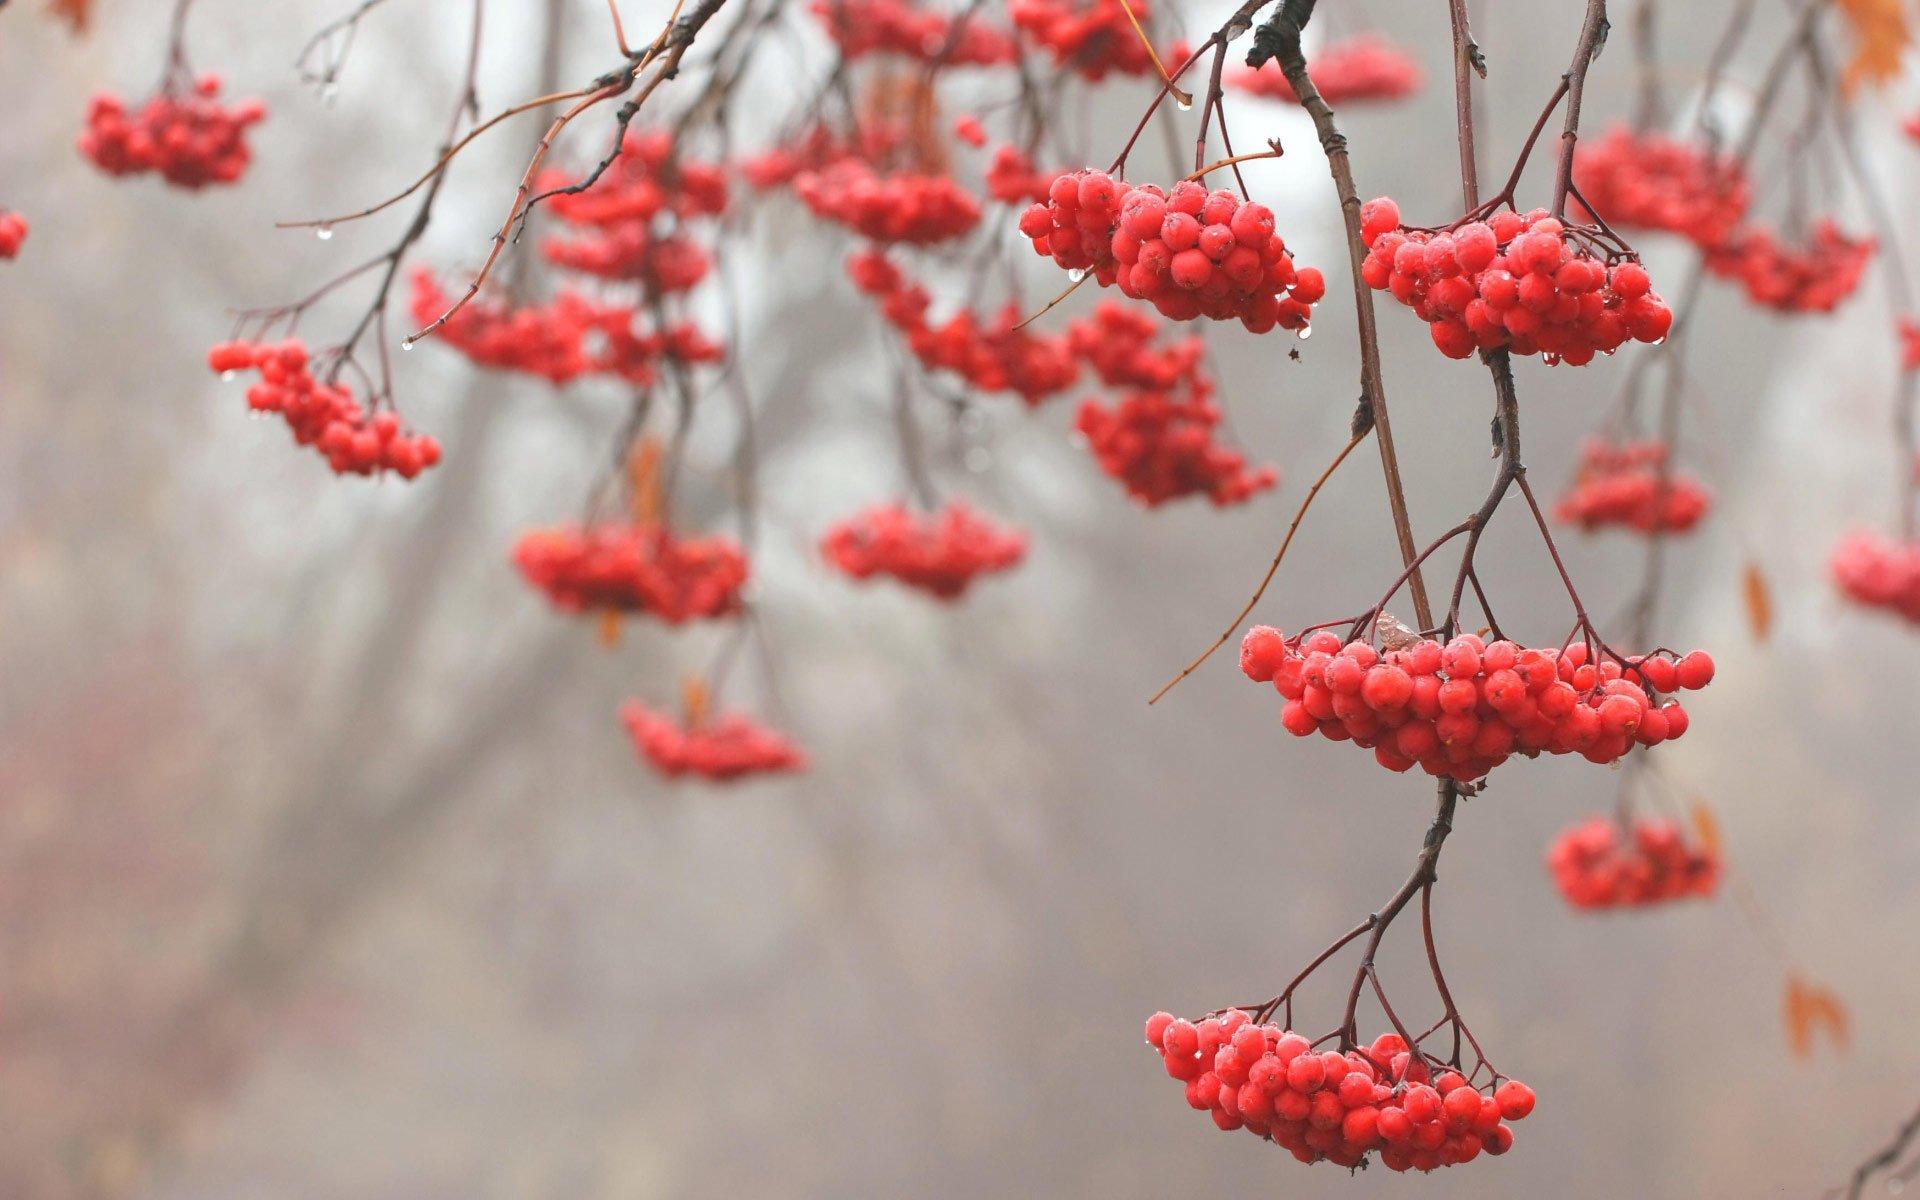 Donmuş meyveler-2